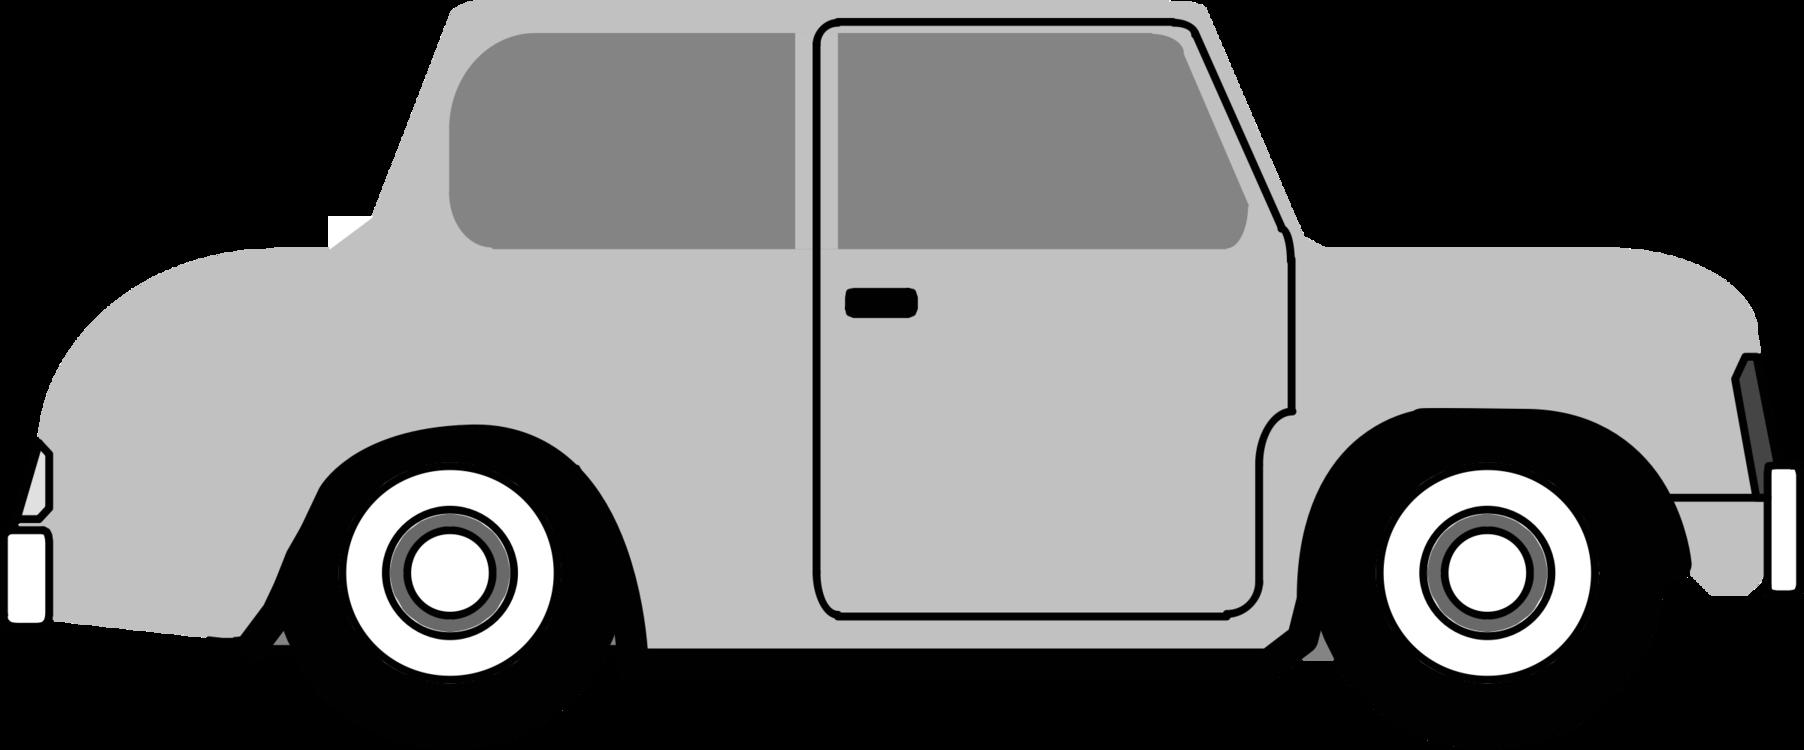 Vehicle Door,Classic Car,Van